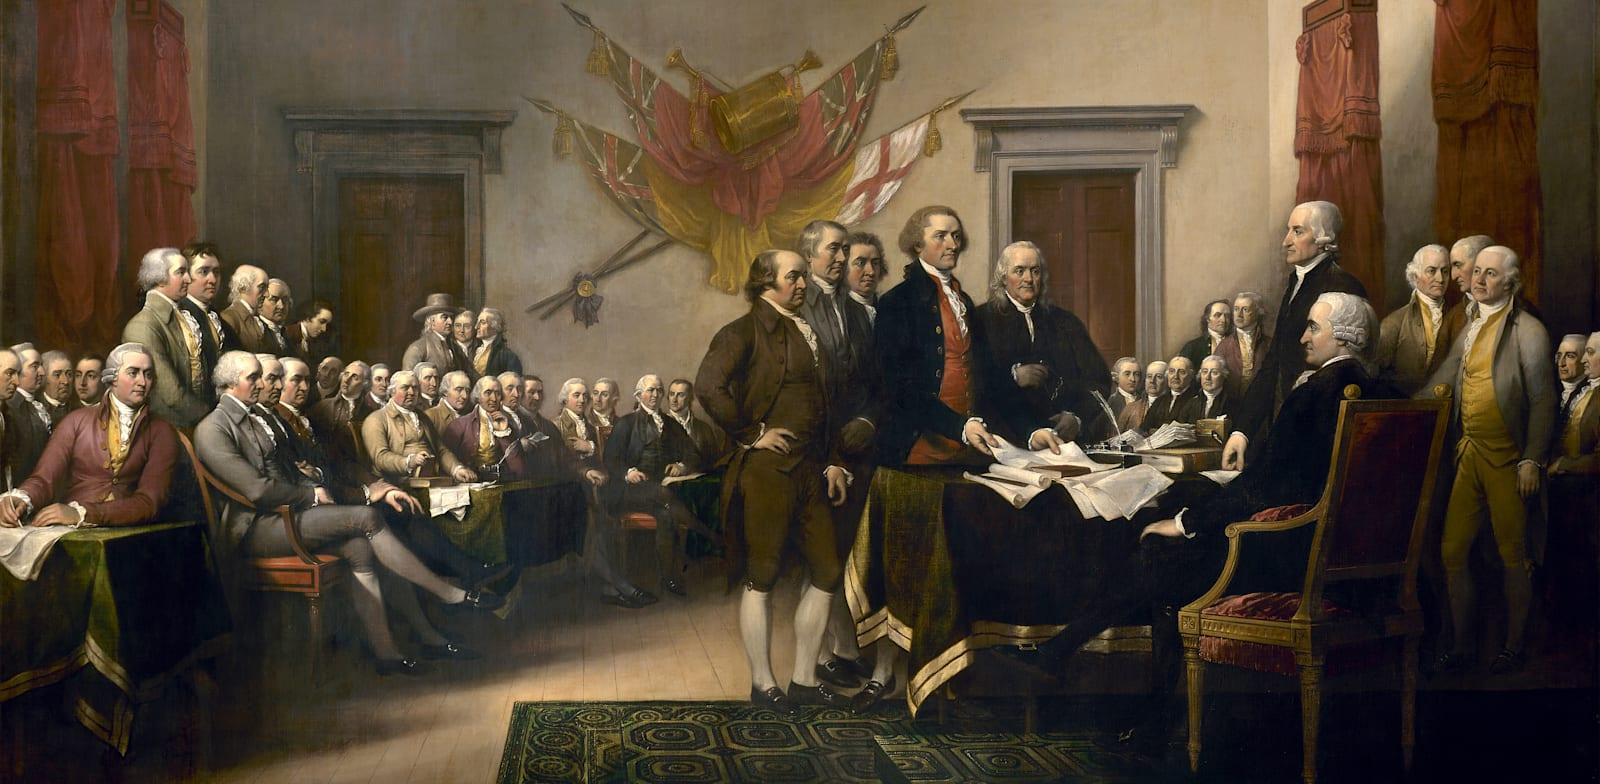 האבות המייסדים של ארה״ב לא סמכו על רצונו החופש של ההמון. ציור של ג׳ורג׳ טראמבלת, 1819 / צילום: מתוך ויקיפדיה by John Trumbull